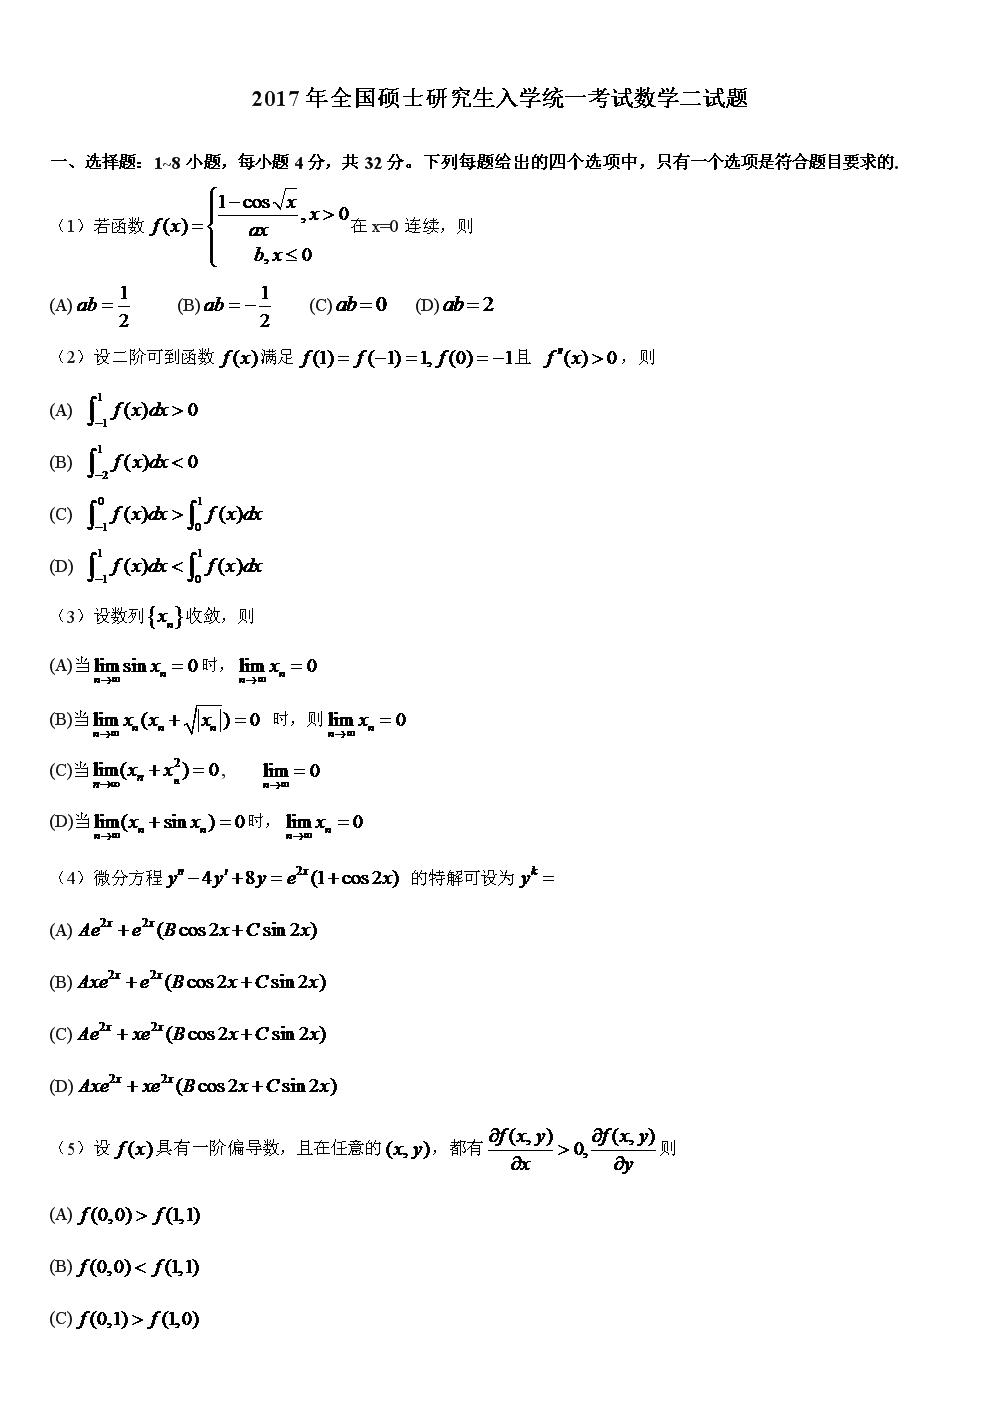 2000-2017考研数学二历年真题.doc